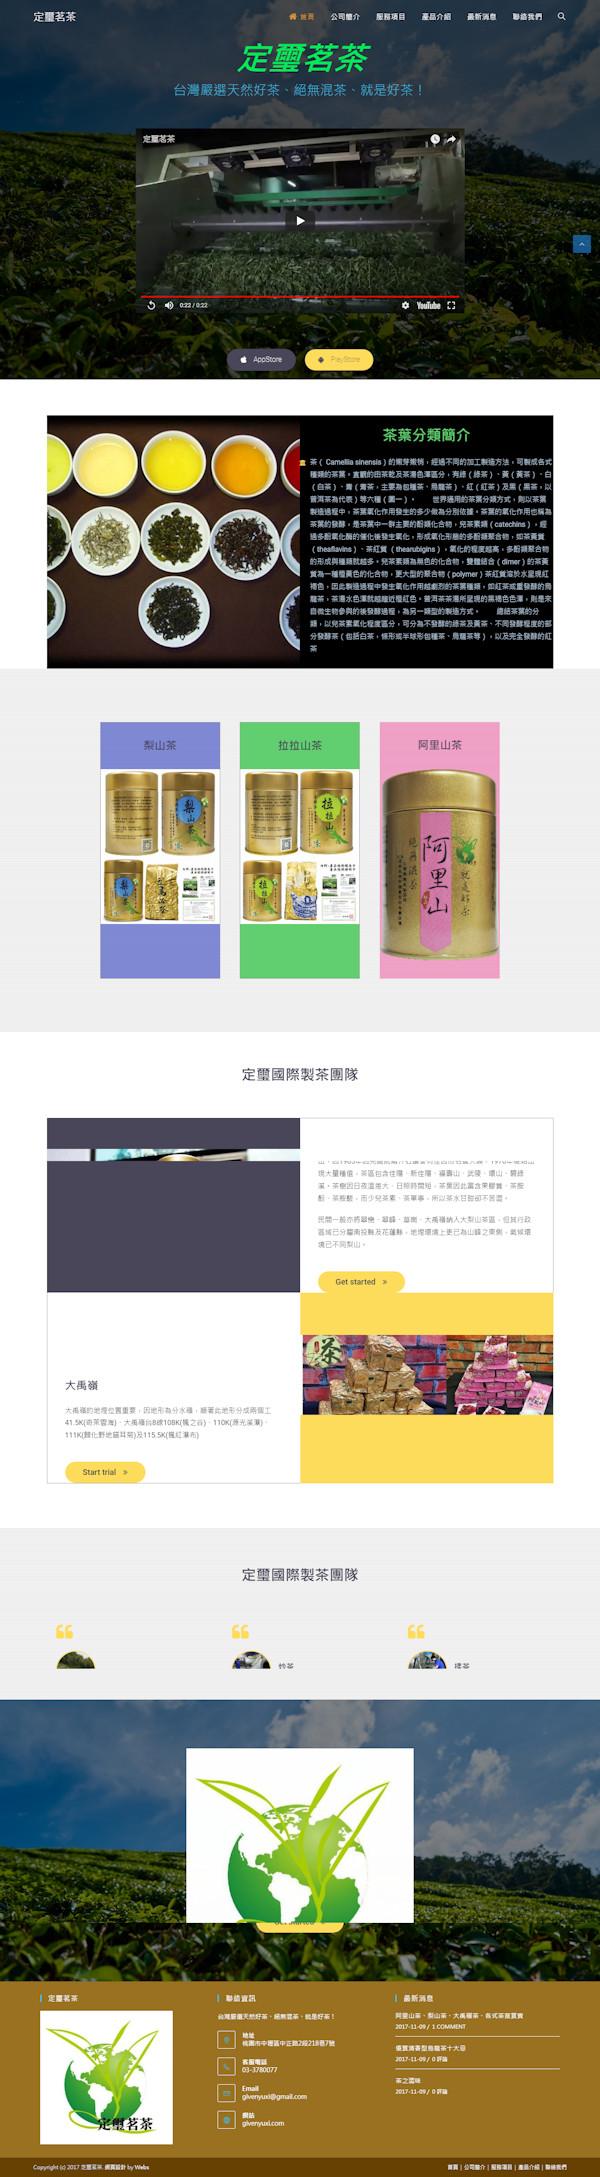 網頁設計-定璽茗茶2